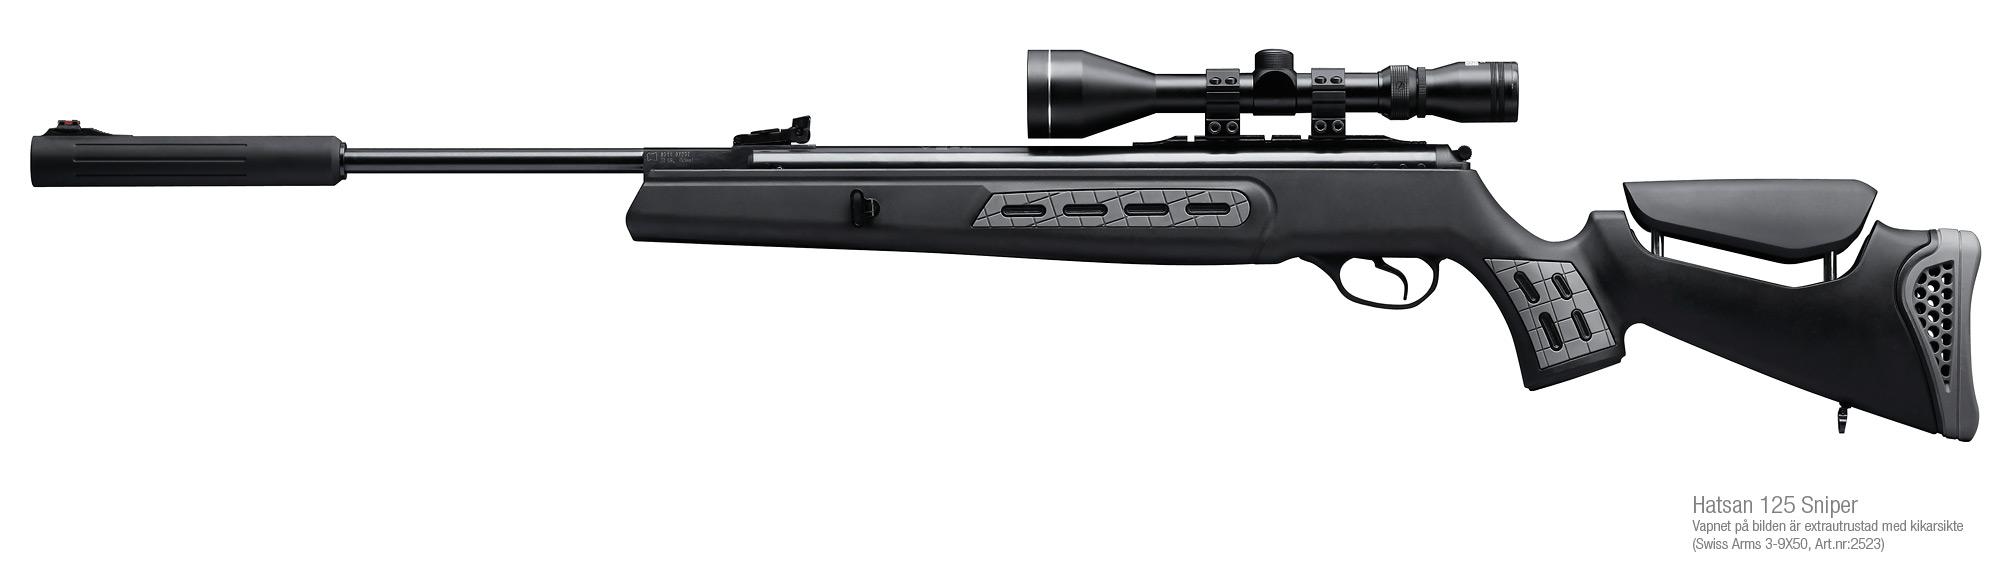 Hatsan 125 Sniper 10J